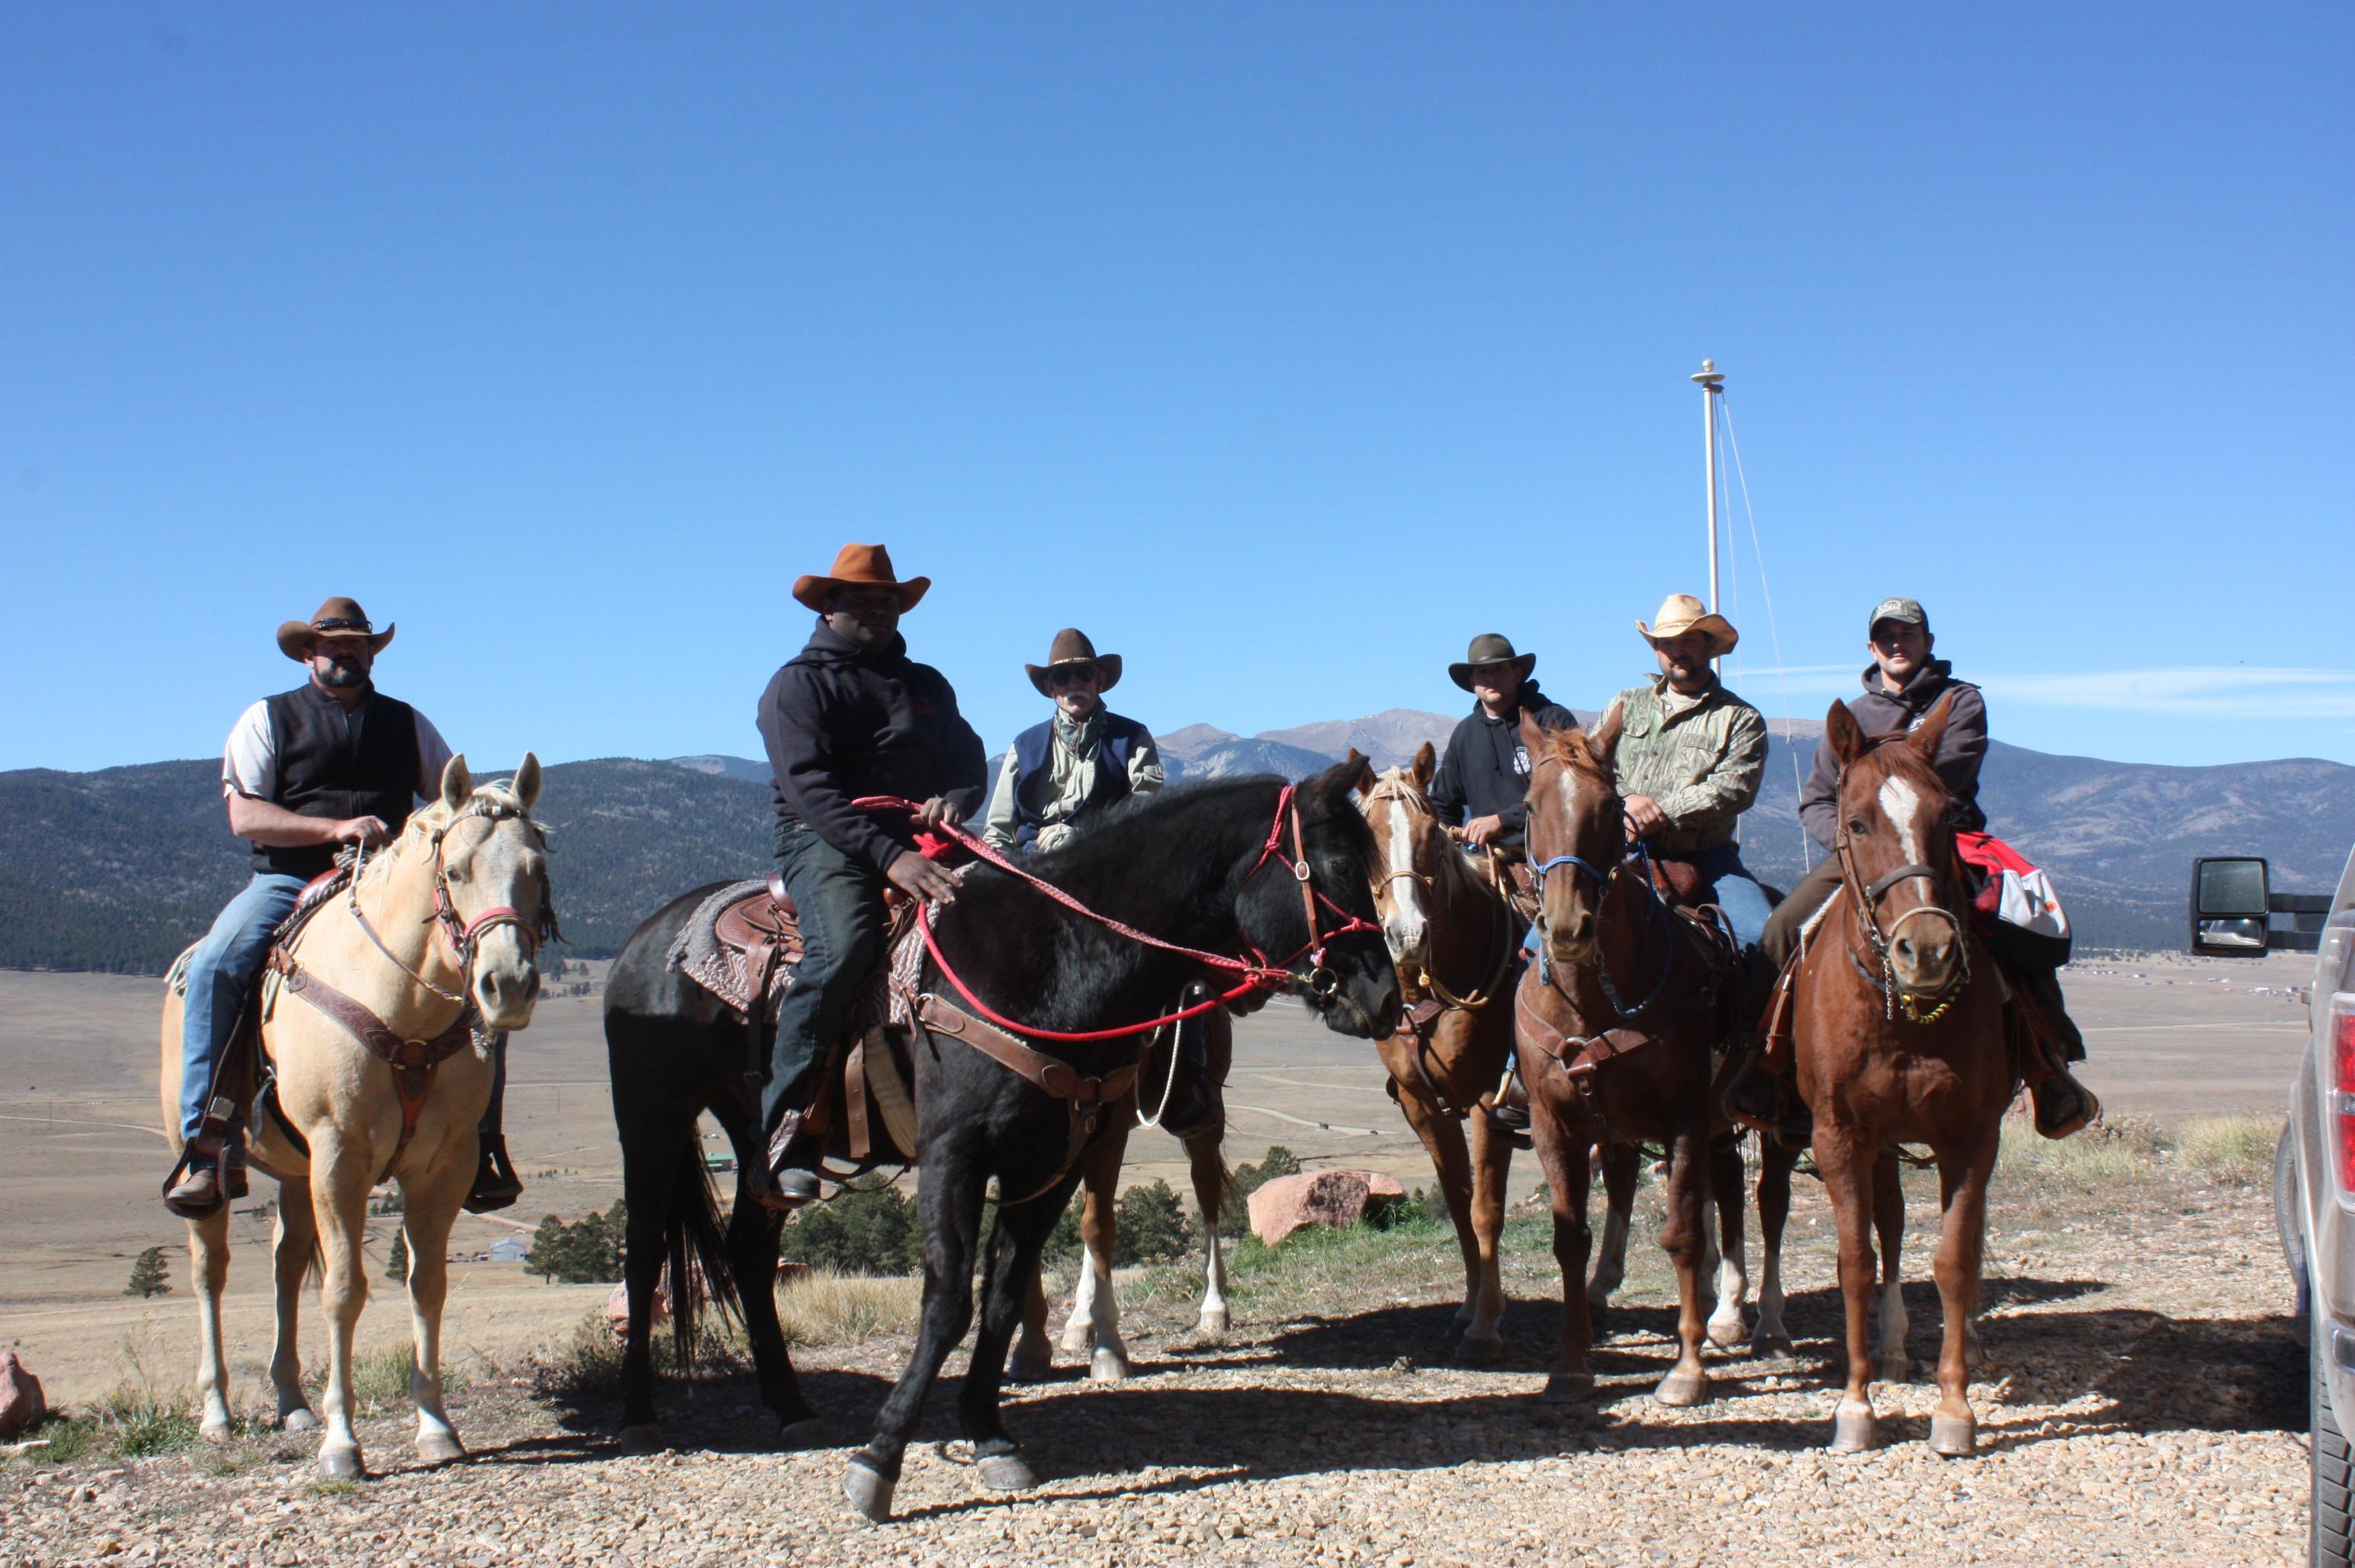 elk-hunters-on-horses